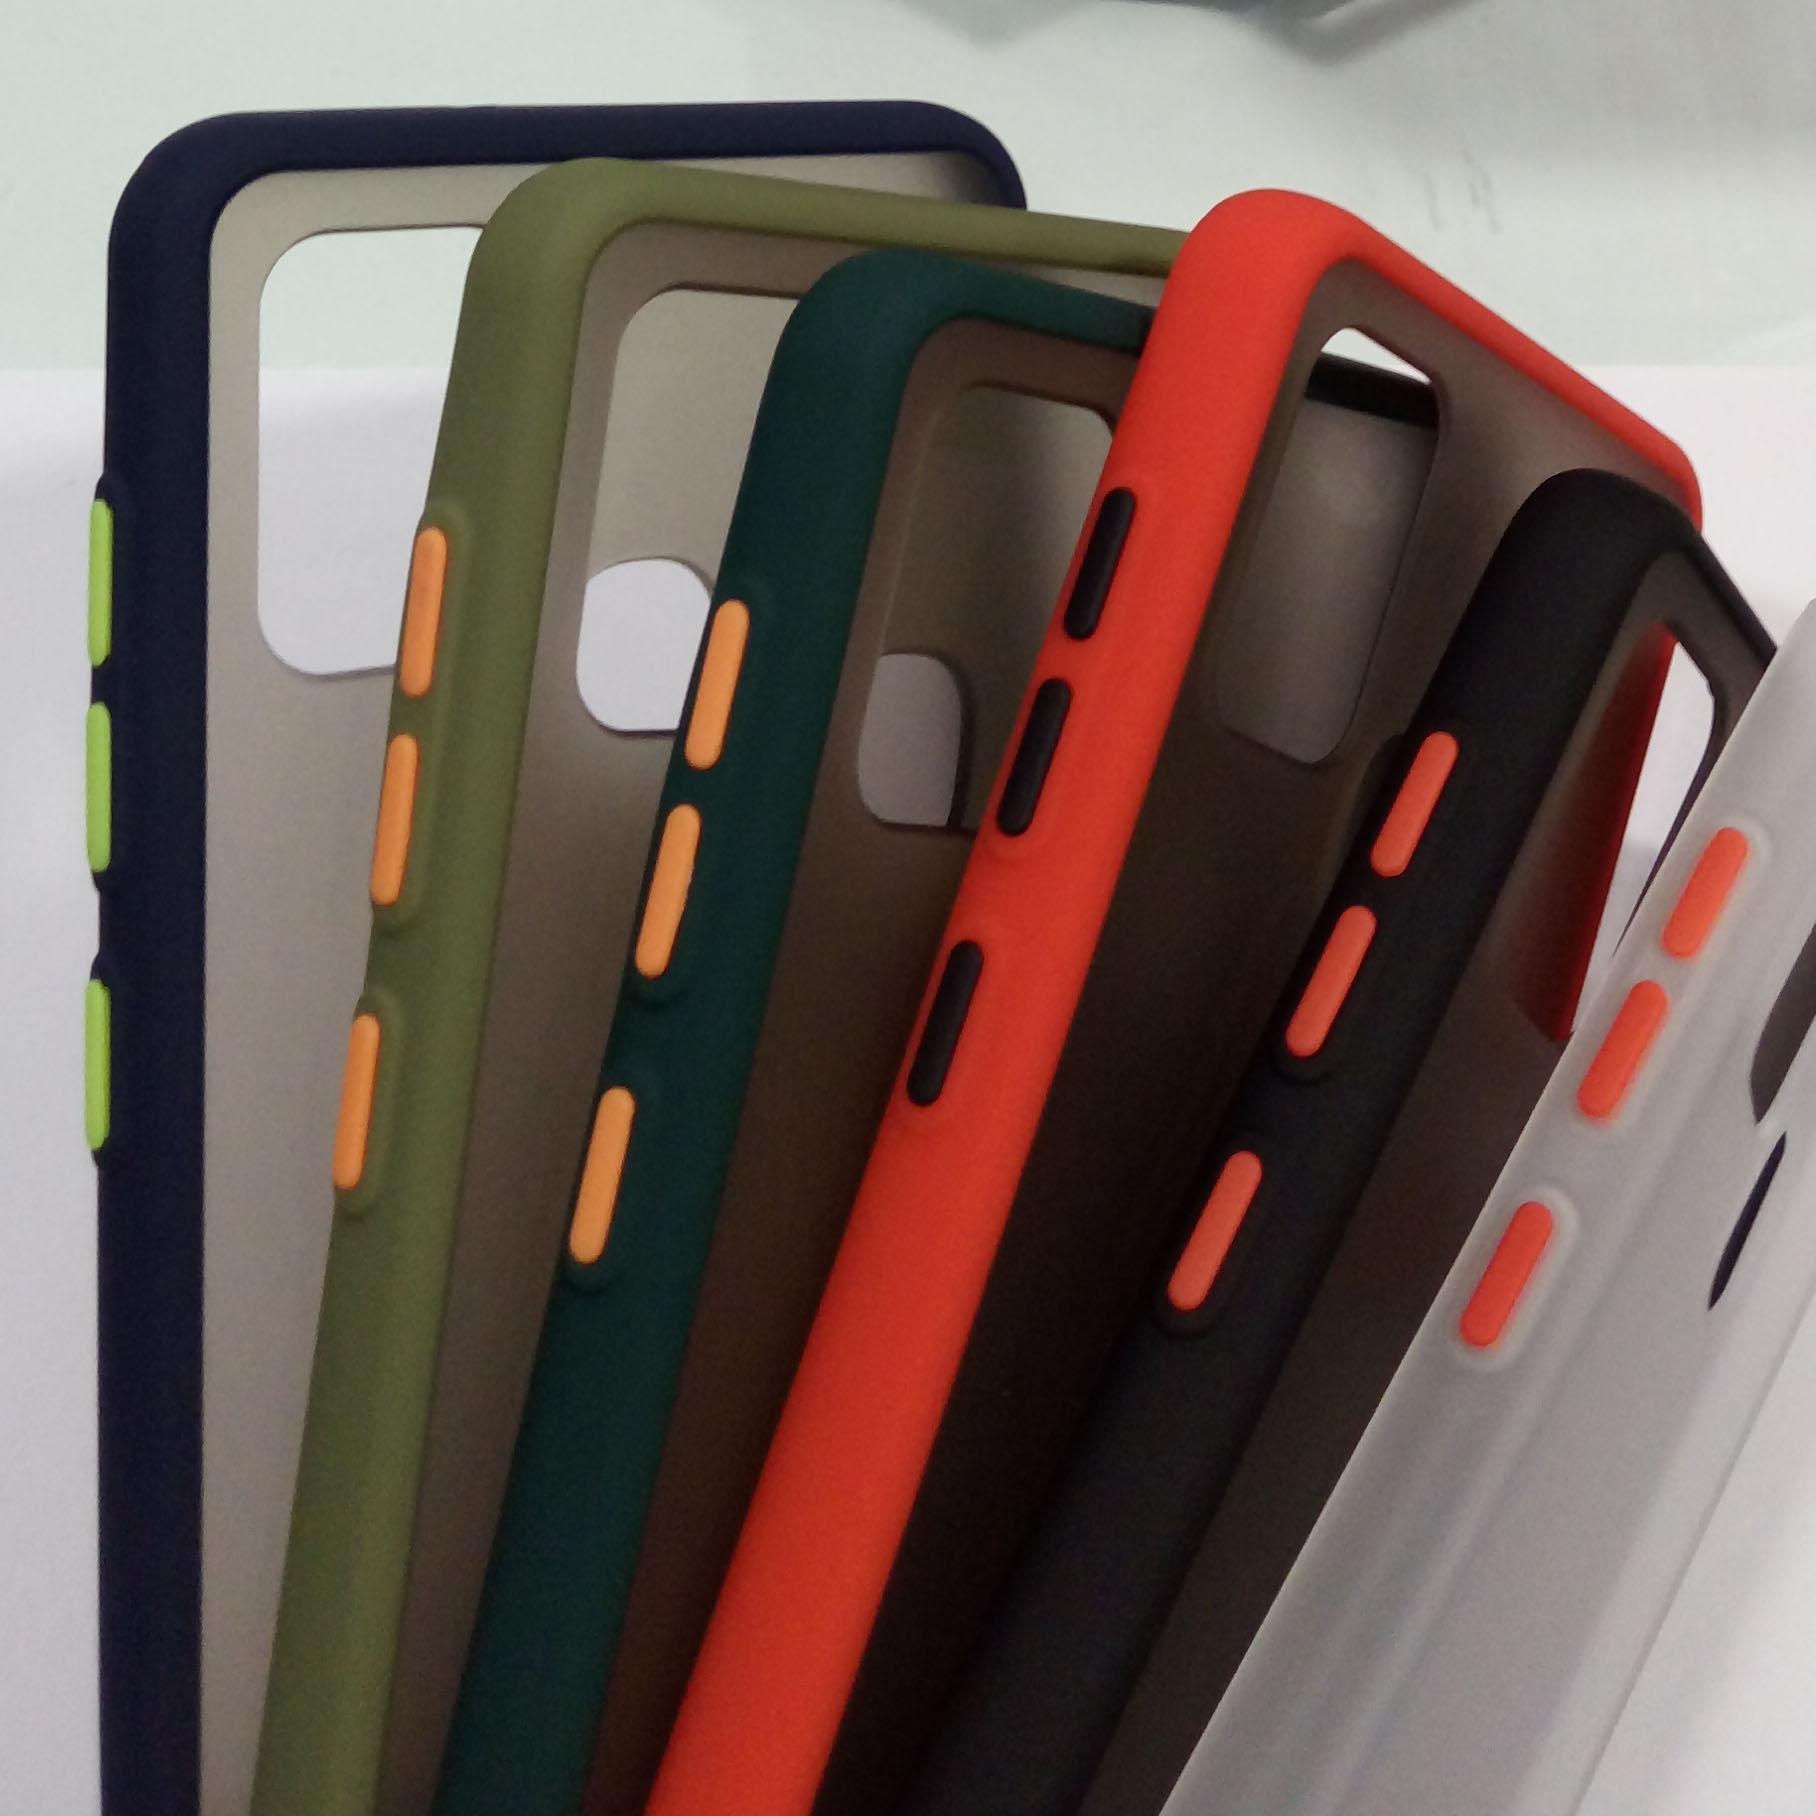 کاور مدل ma مناسب برای گوشی موبایل سامسونگ galaxy A21s              ( قیمت و خرید)